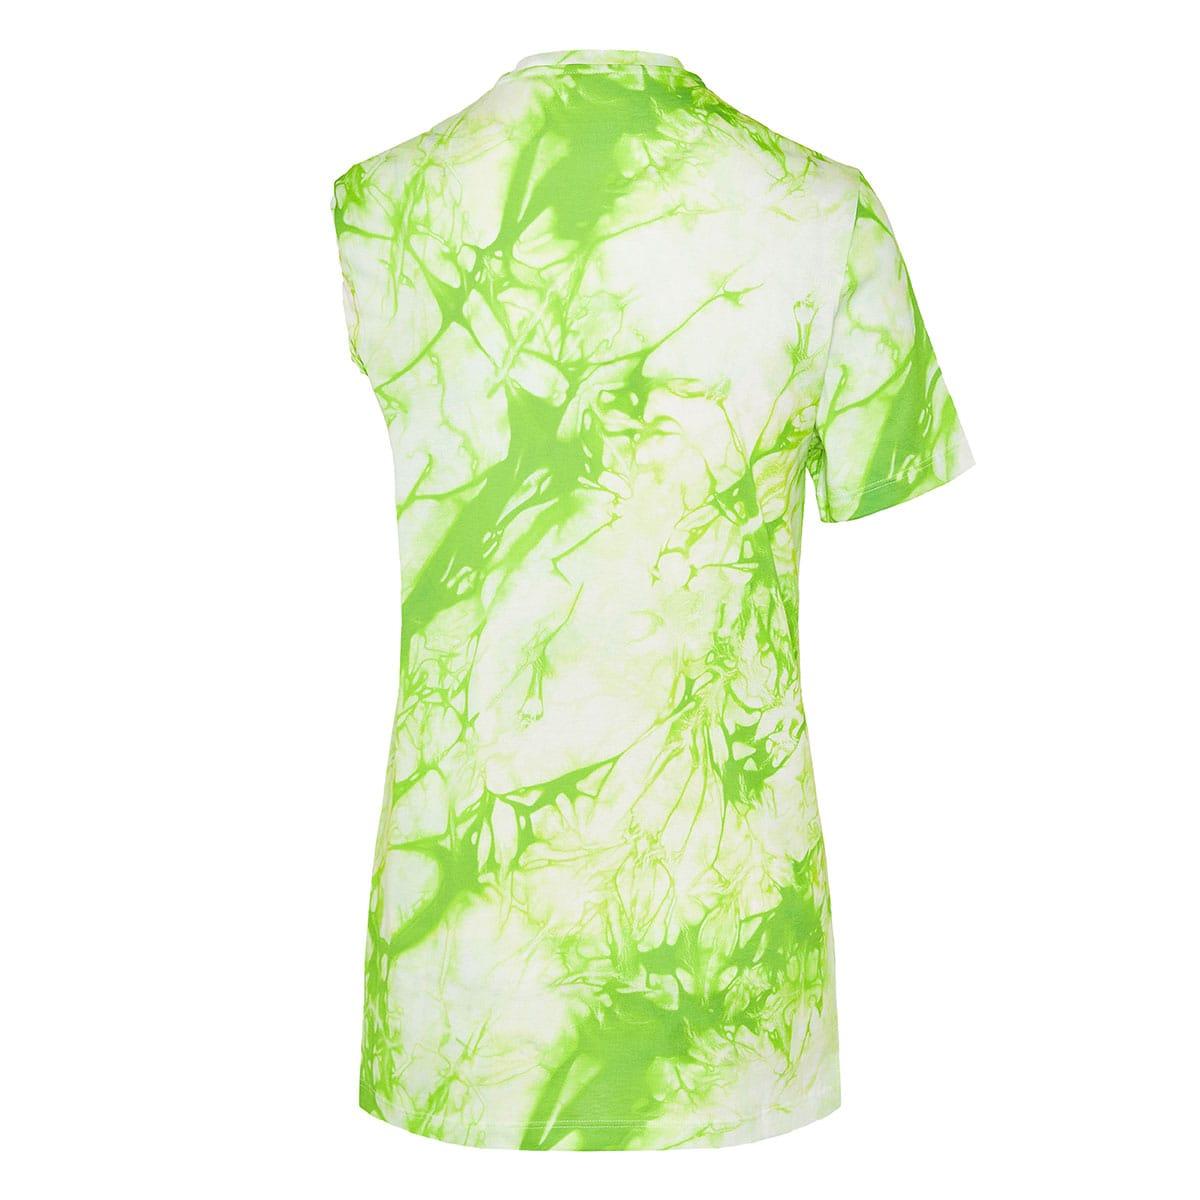 Tie-dye Medusa t-shirt